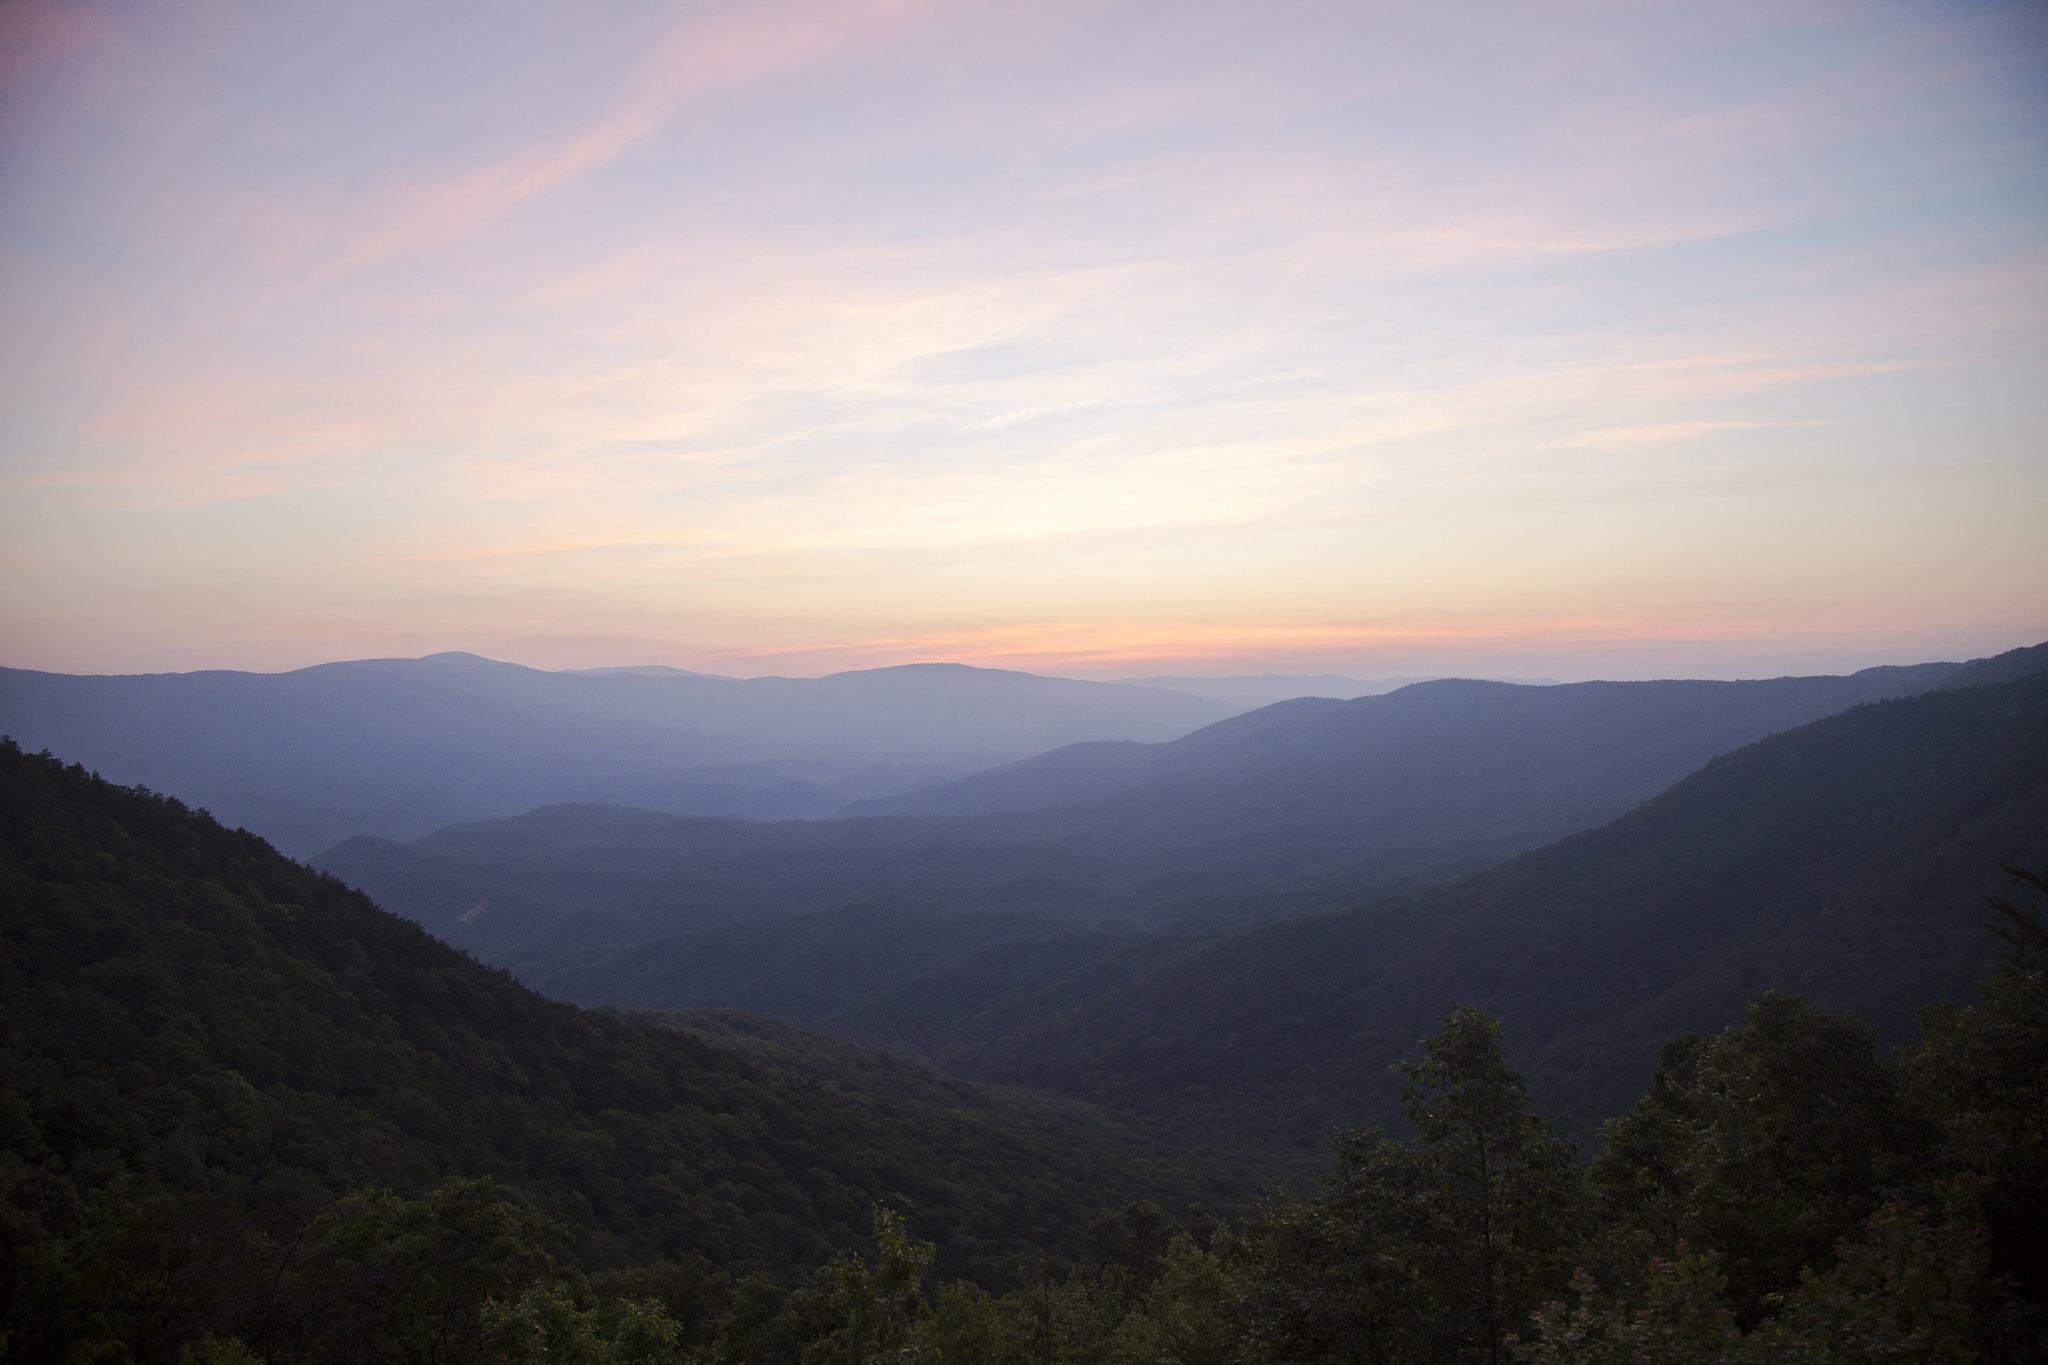 Fort Mountain State Park Sunrise Tuyen Chau